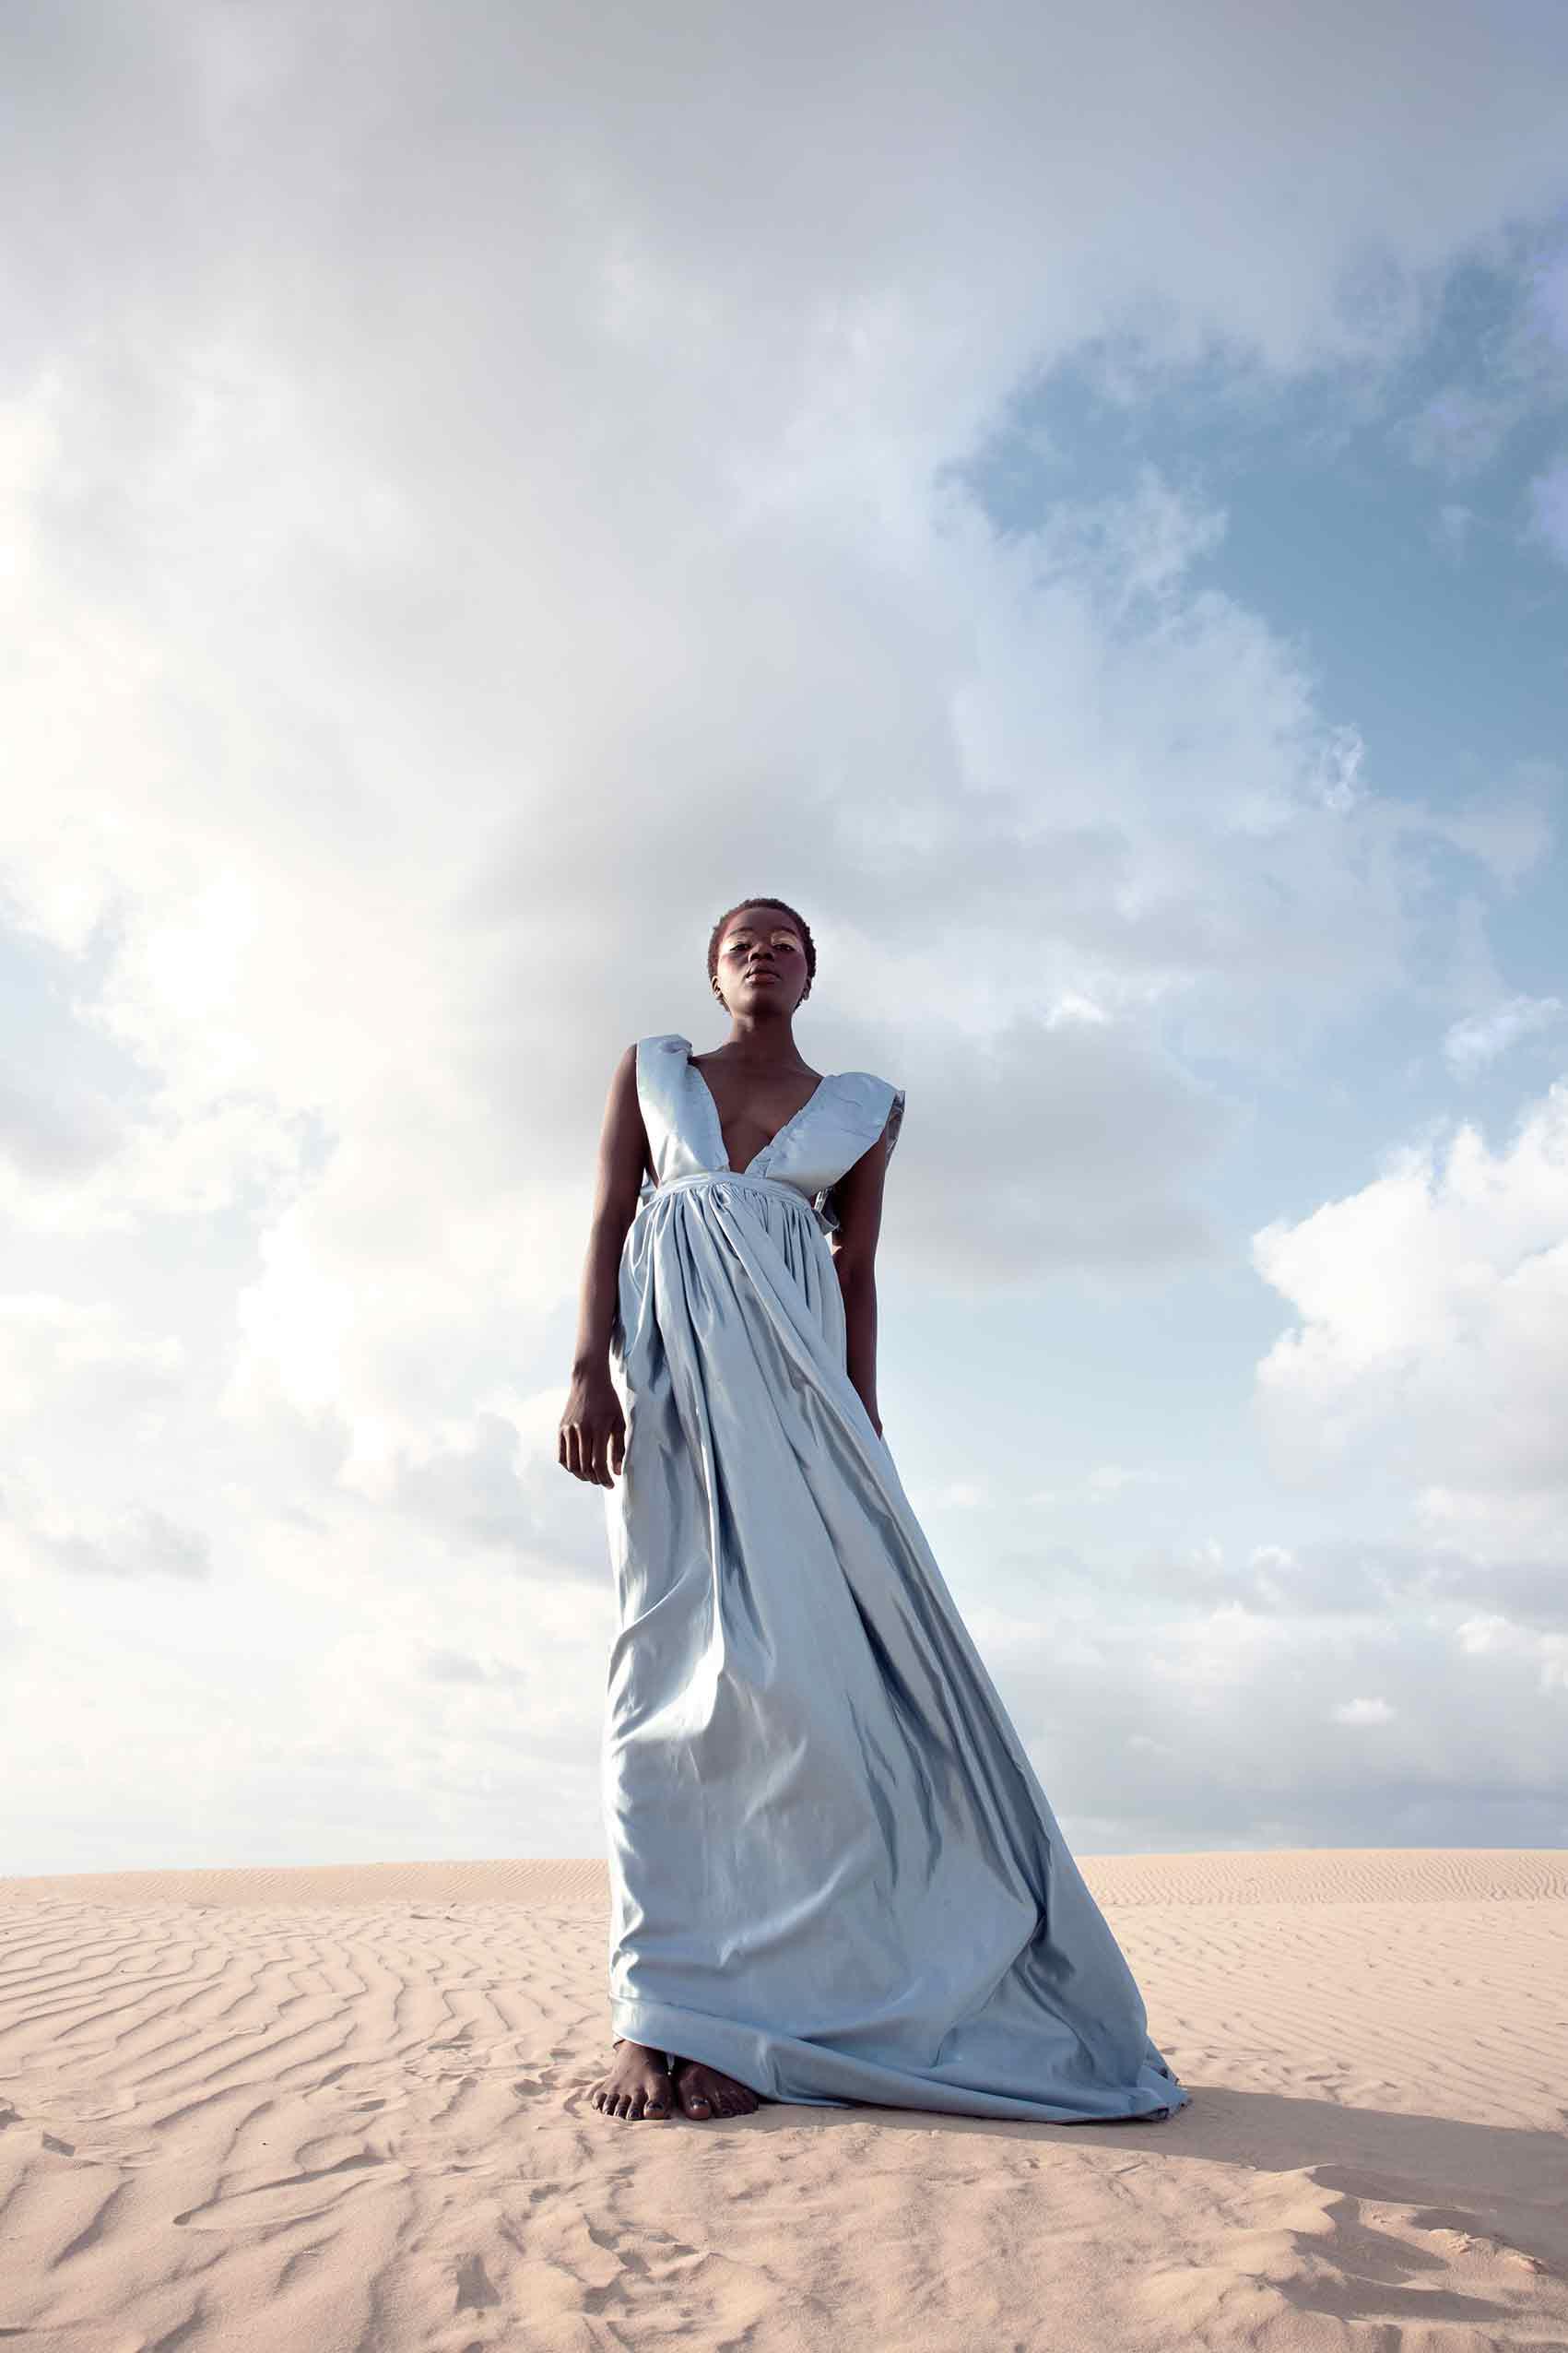 מגזין-אופנה-לנשים-Photographer: YAEL BAR, Models: RITA AUGUSTINO, POLINA RIA, Makeup: AREEG GH, Stylist: BAR FRIEDMAN, Designers: BOOBA MACHO, MONALIZABETH